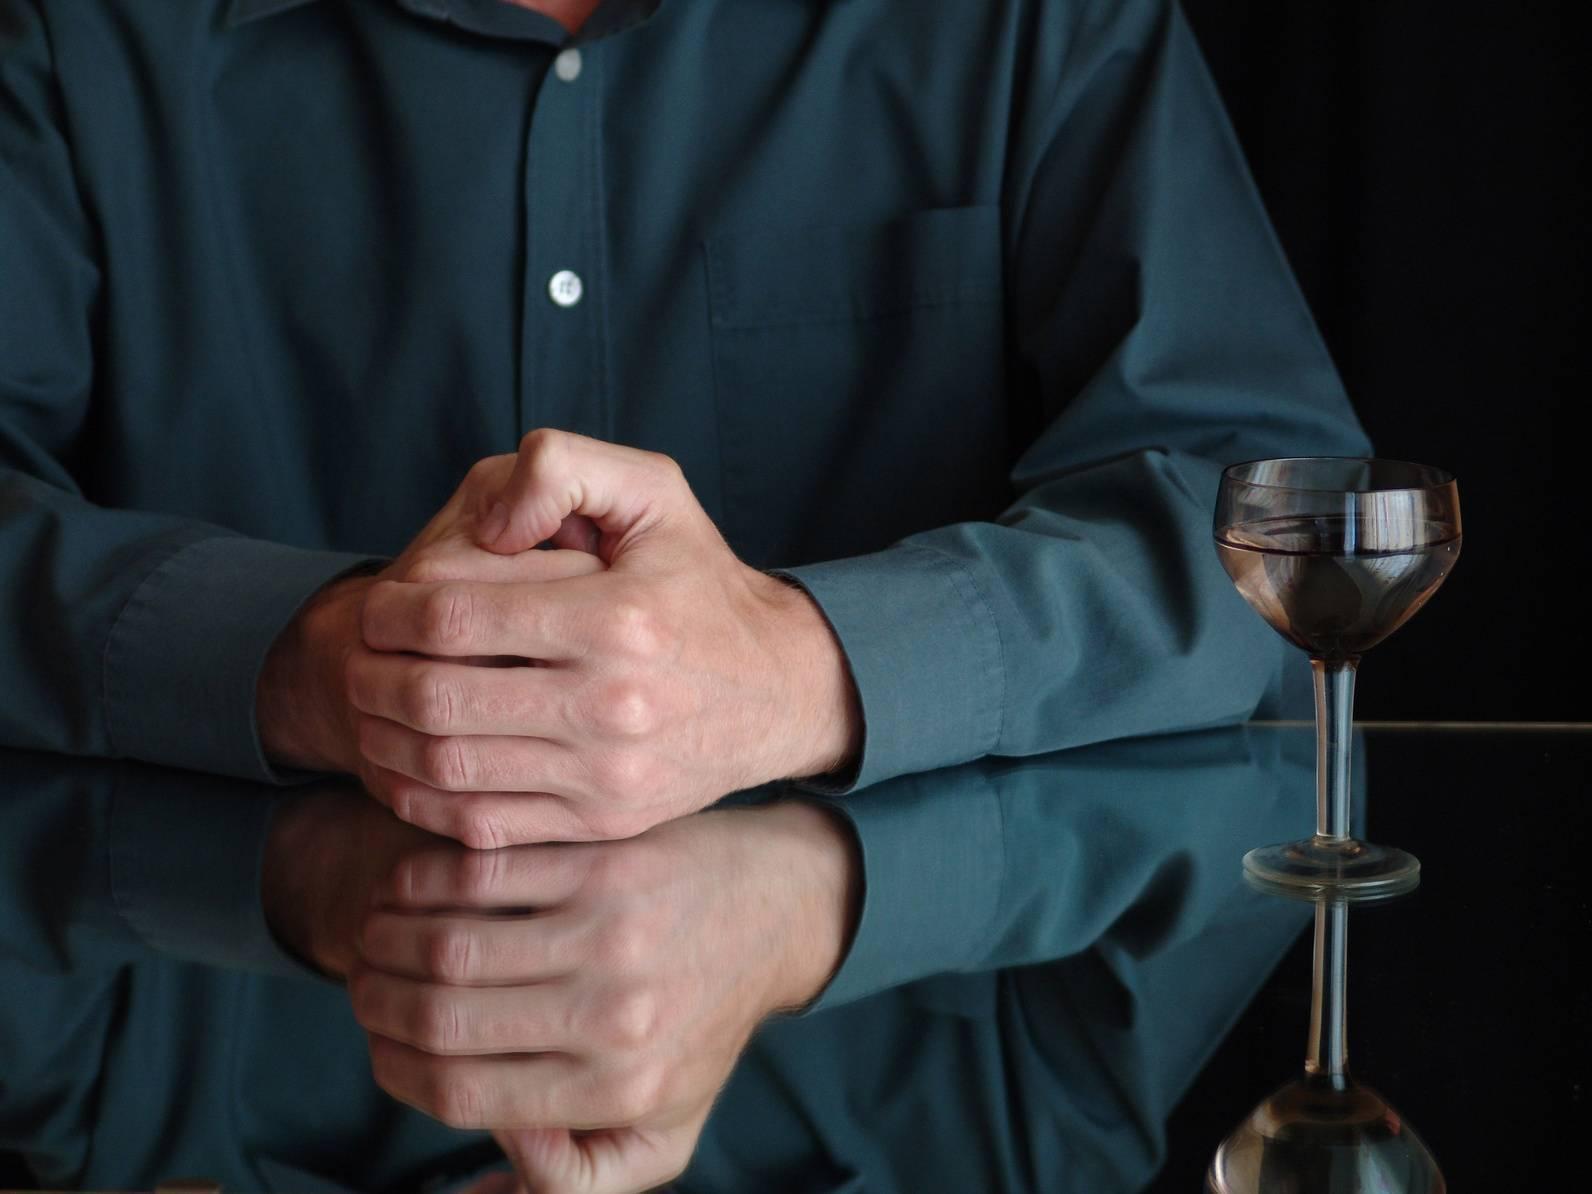 лечение алкоголизма принудительно